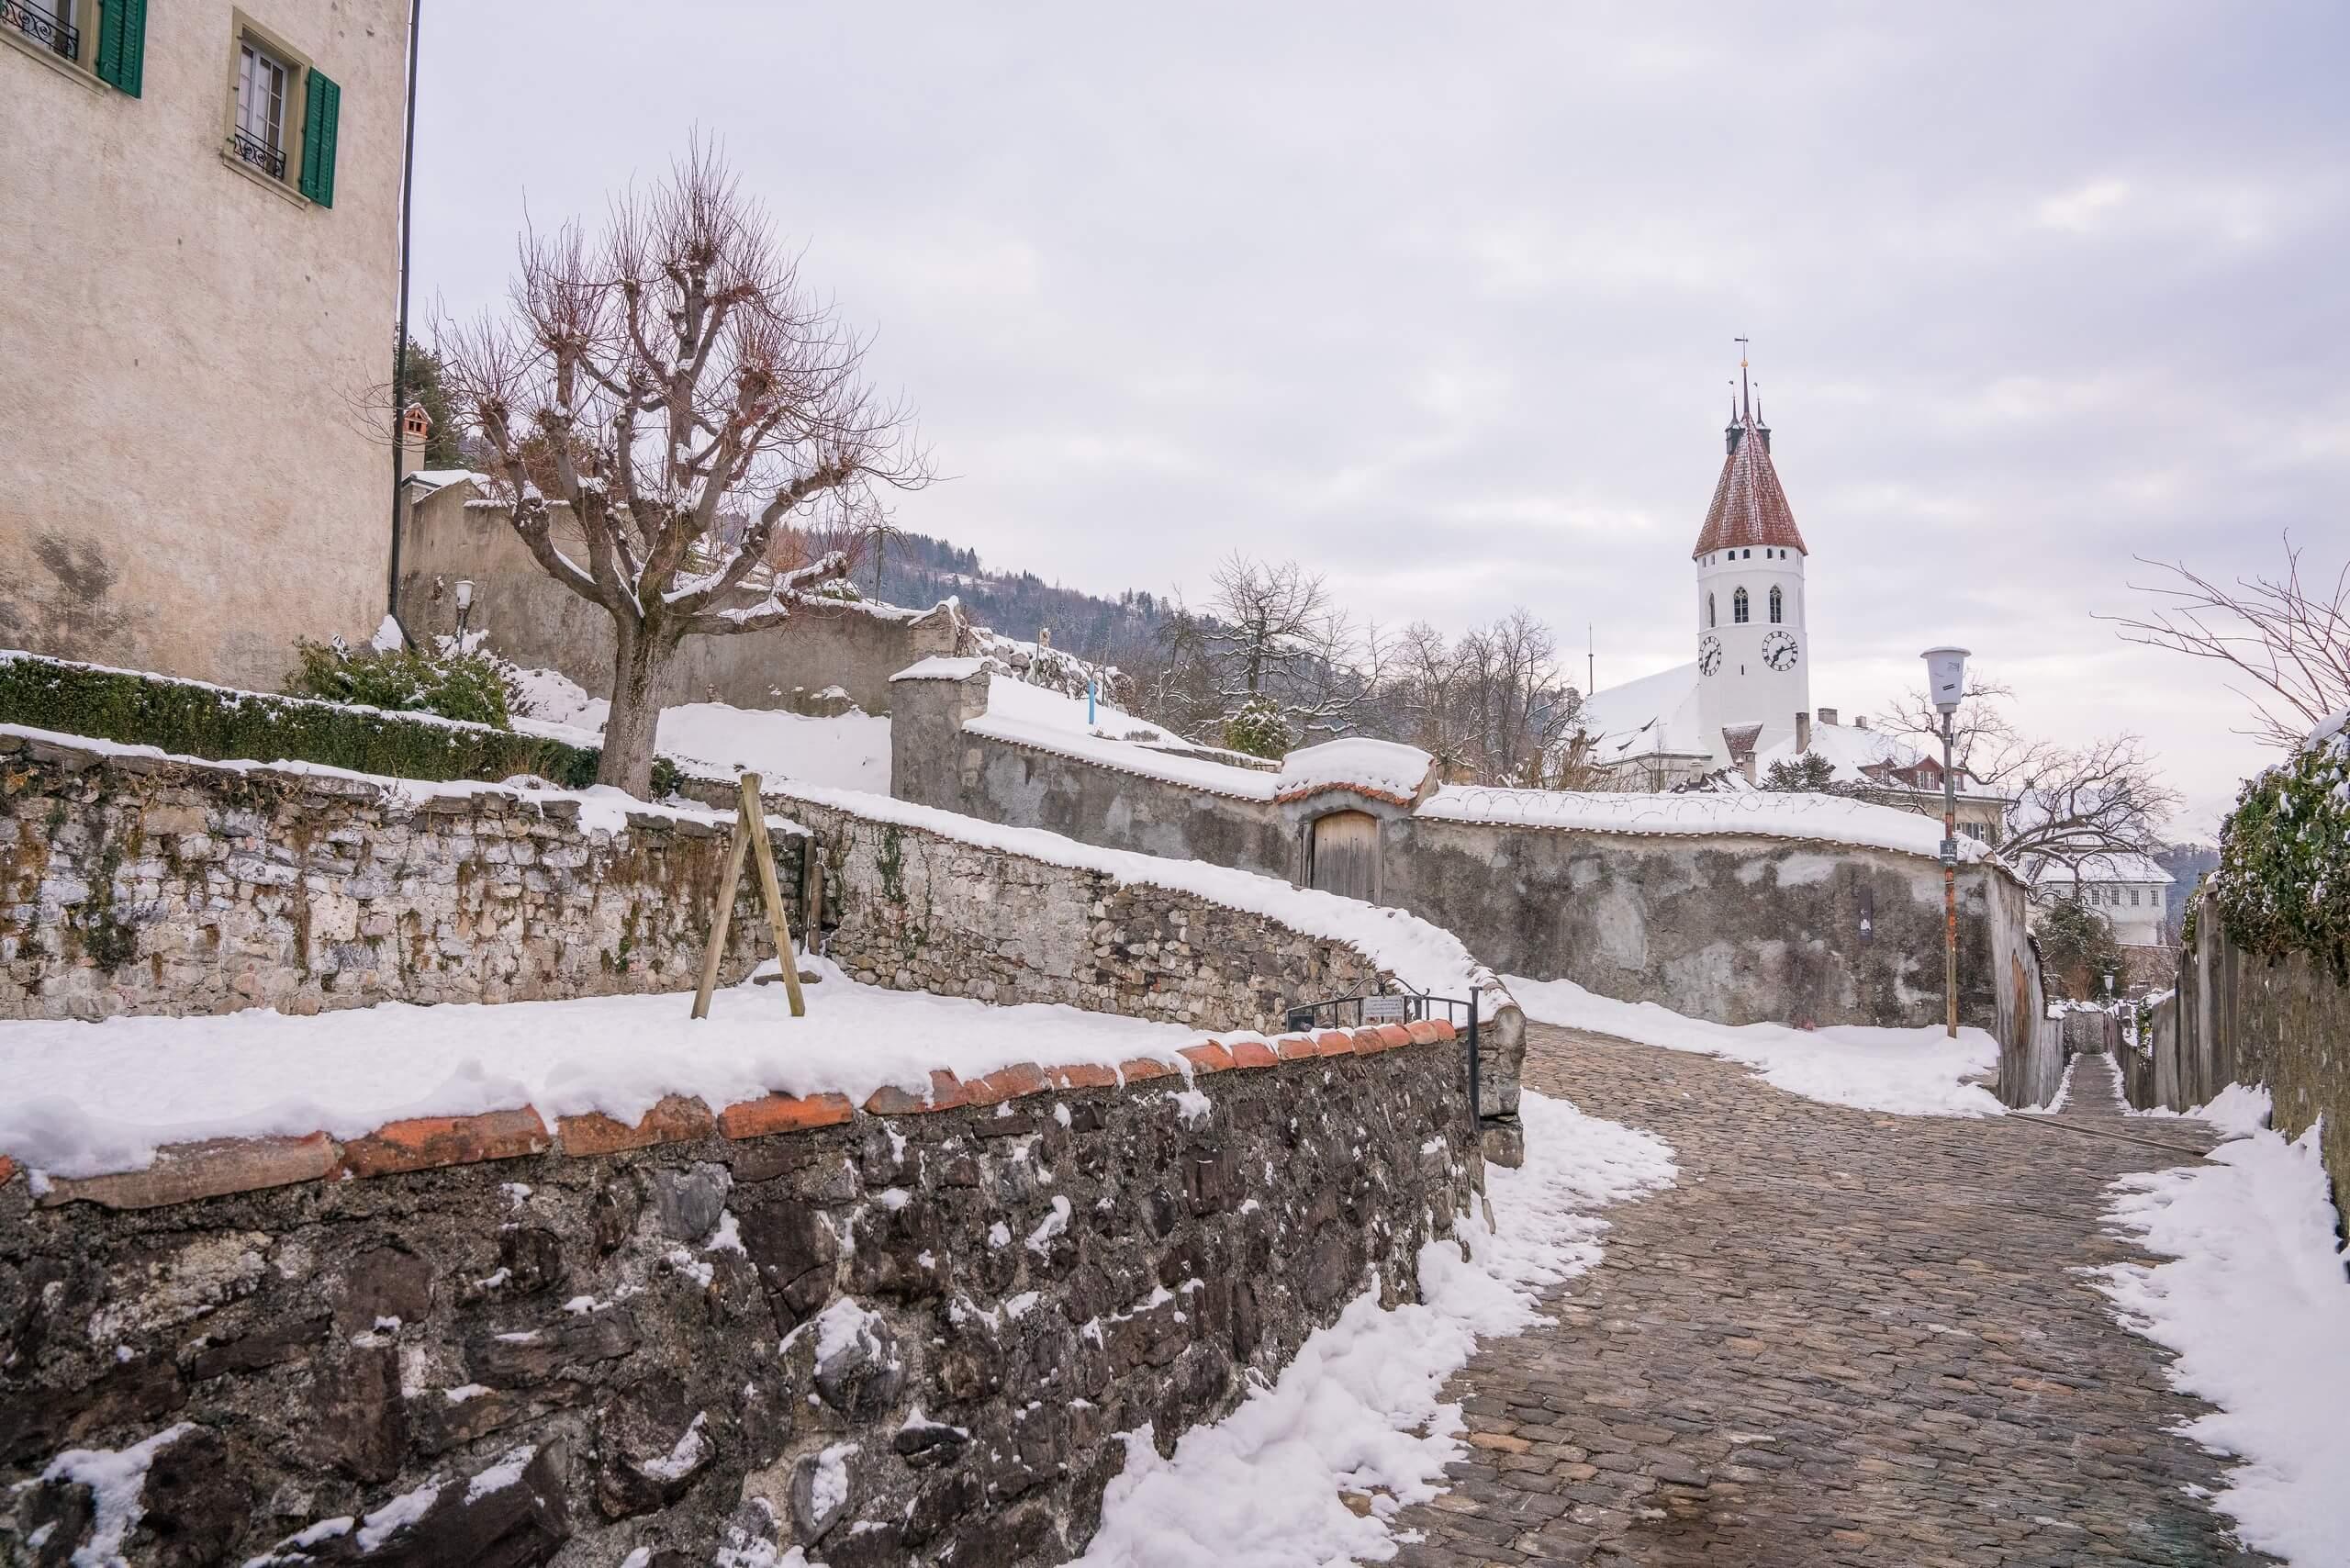 thun-schlossberg-winter-schnee-kirche